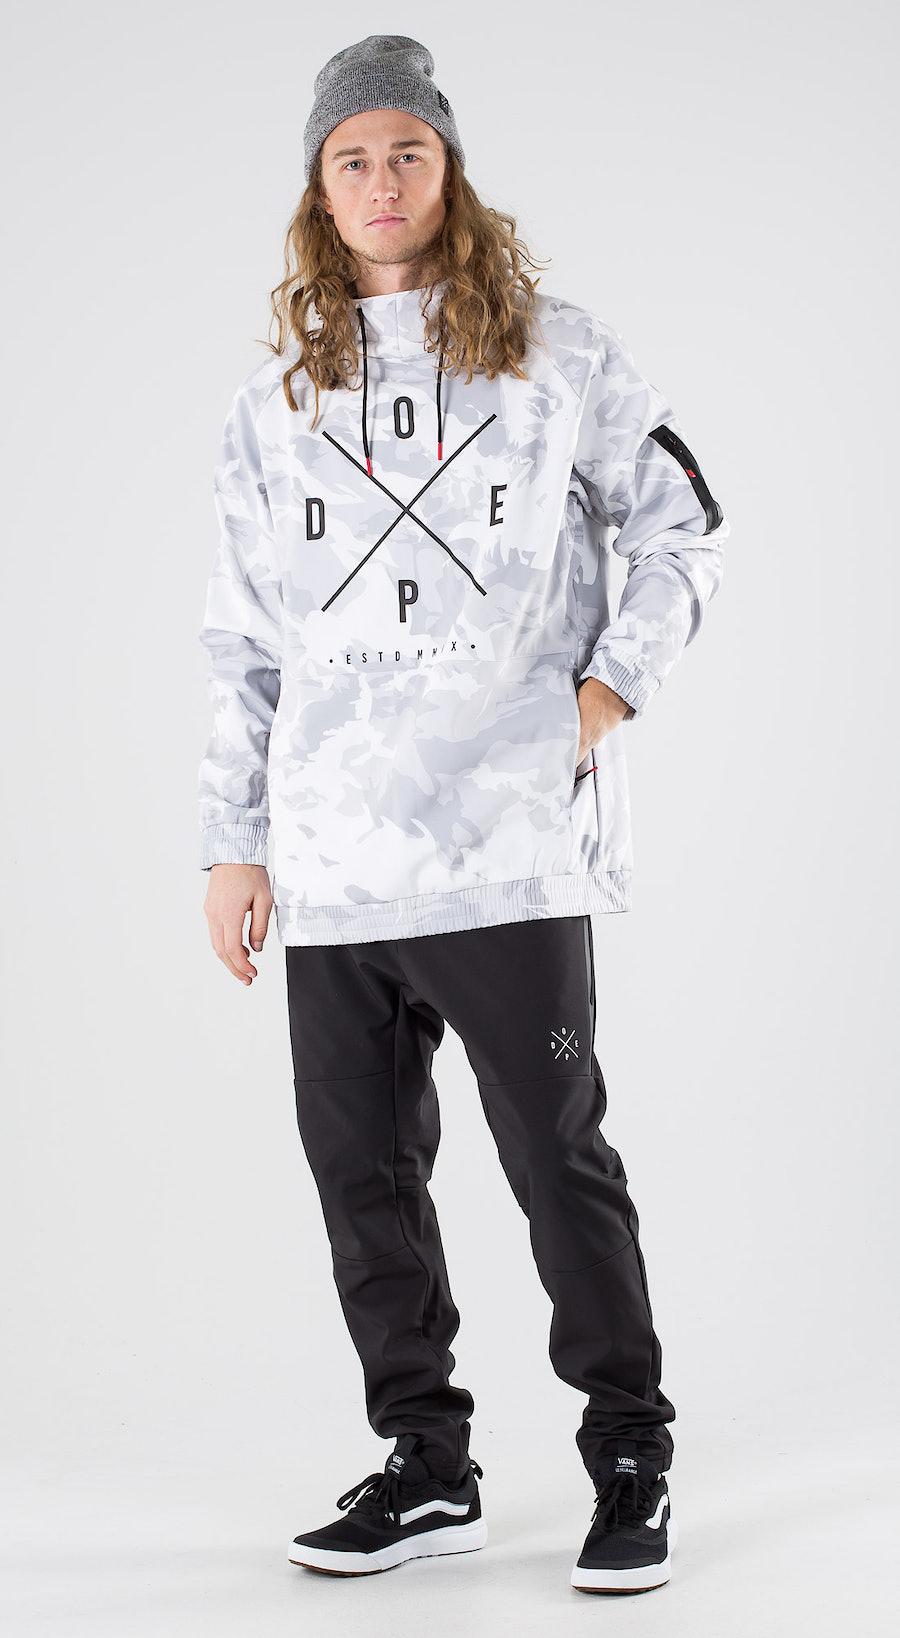 Dope Rambler Tux Camo Outfit Multi